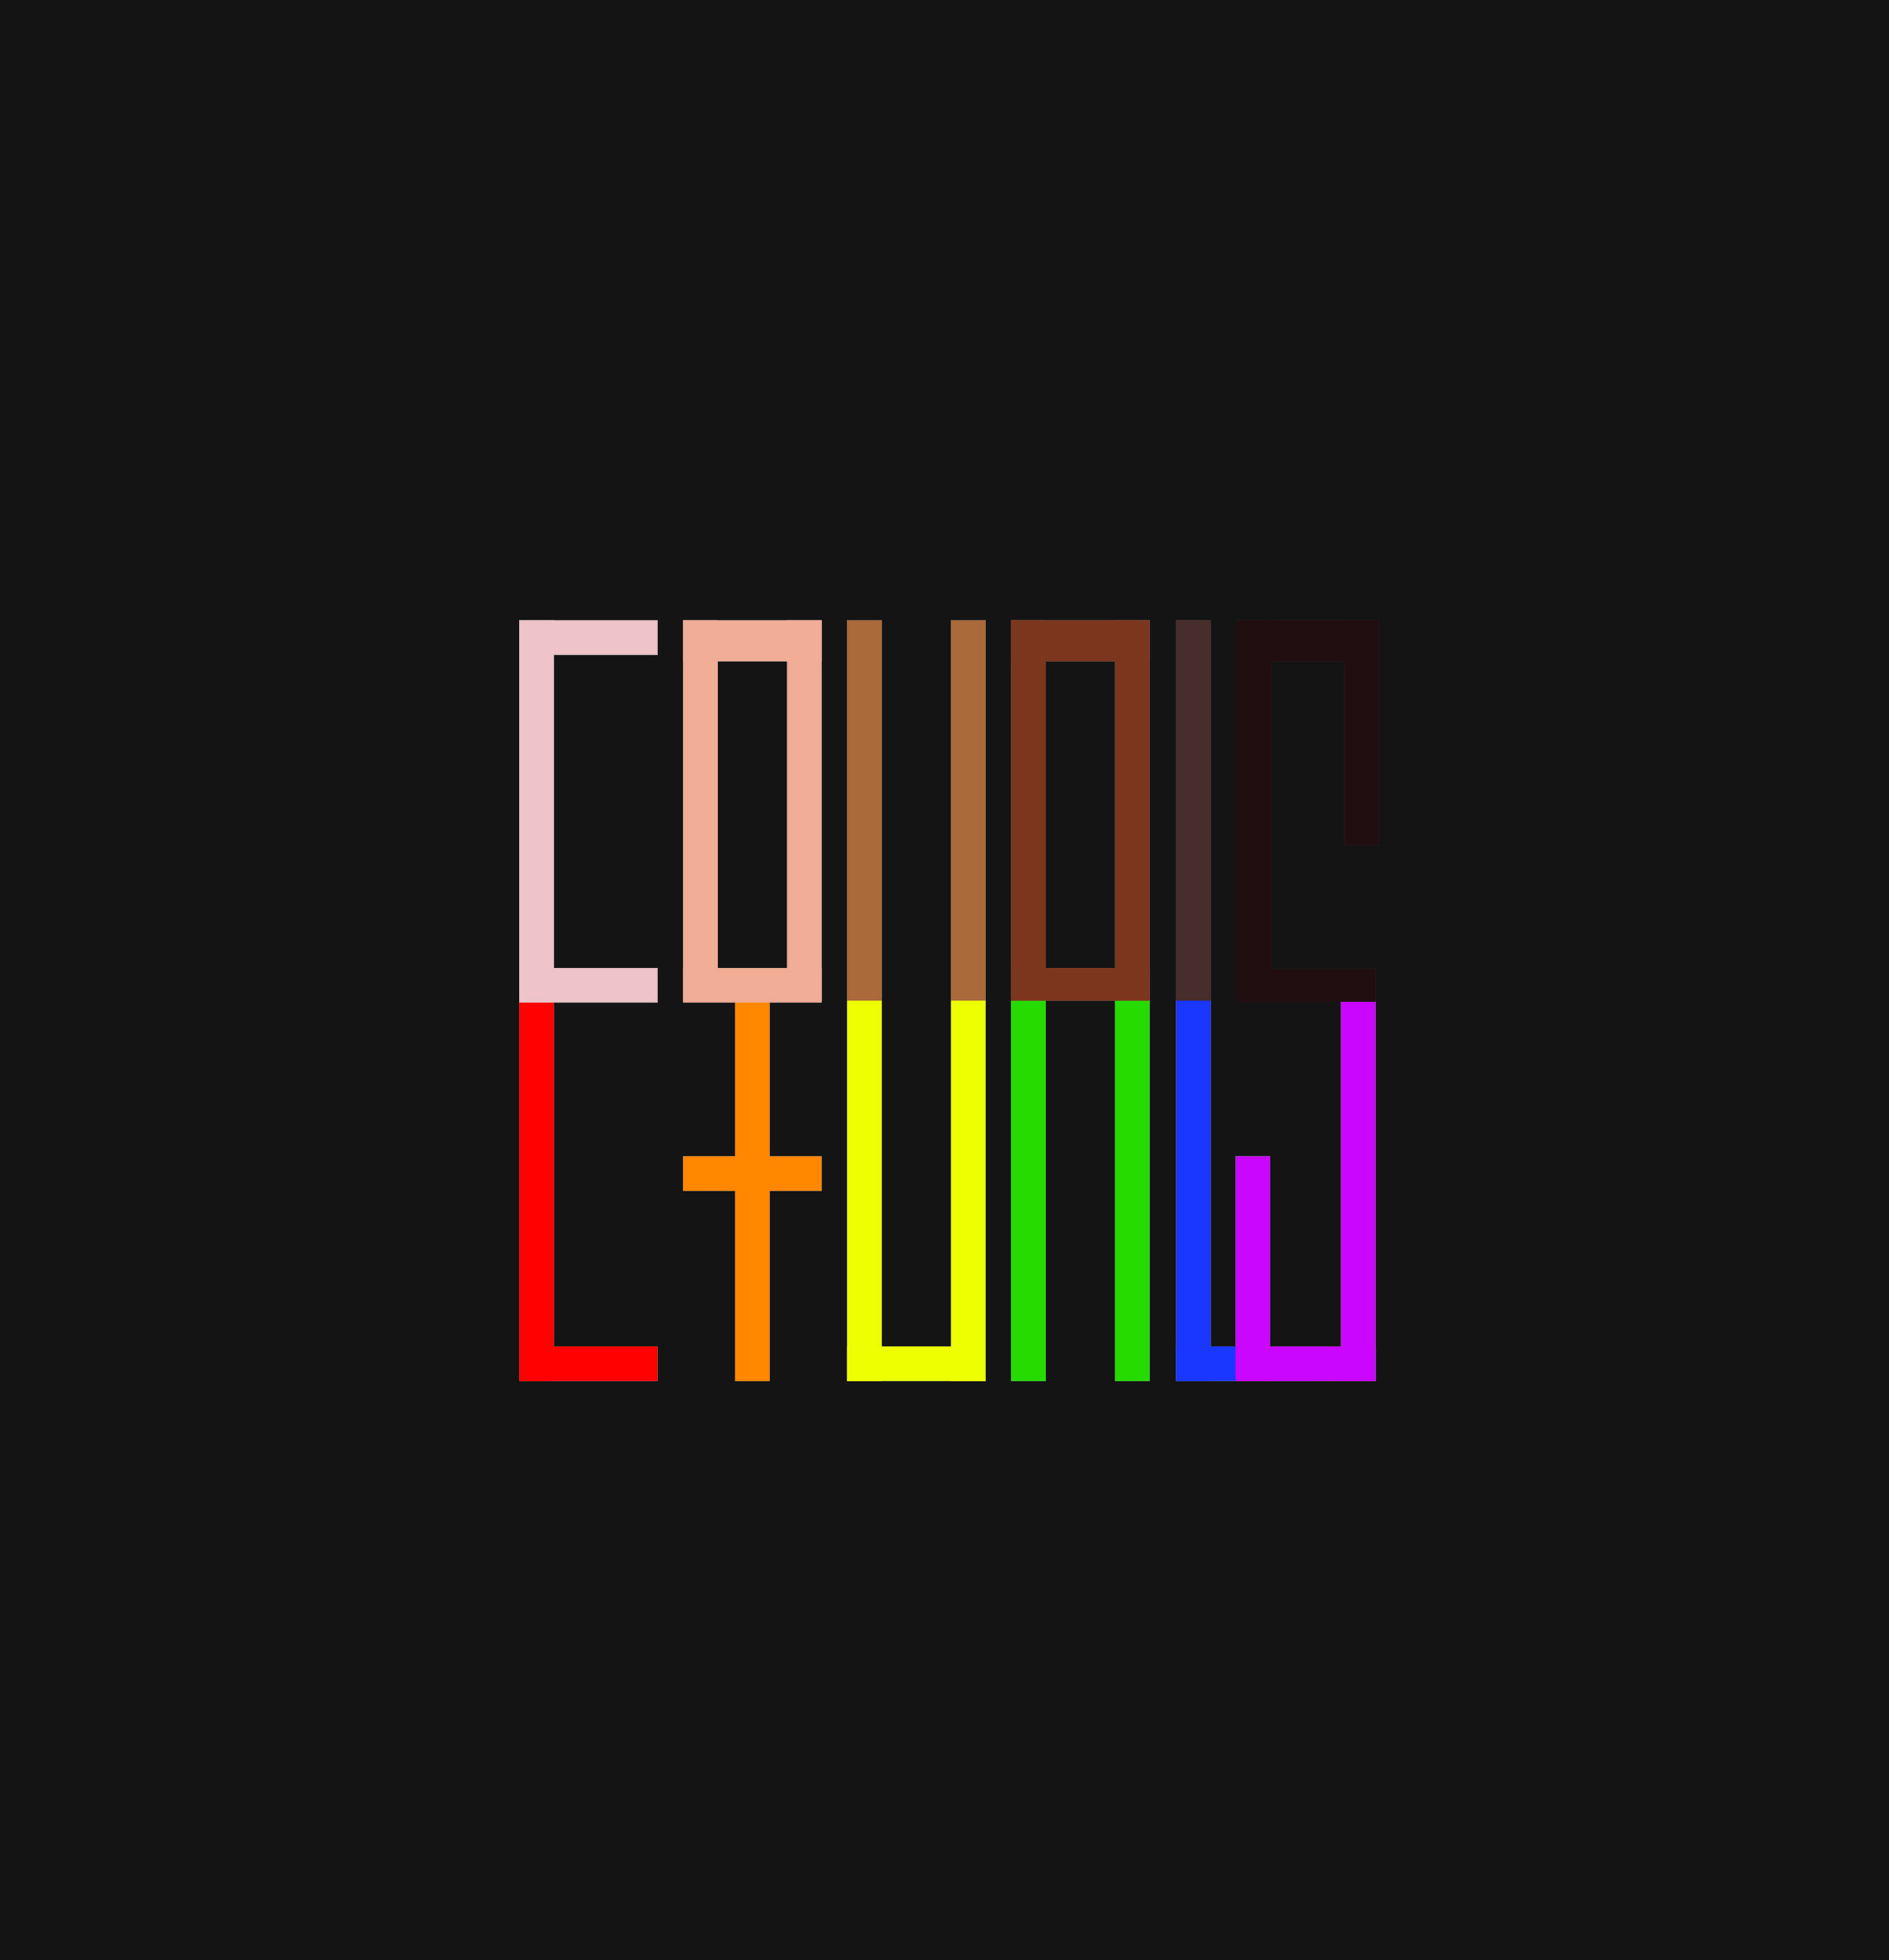 KylieFreeman_Equals.jpg